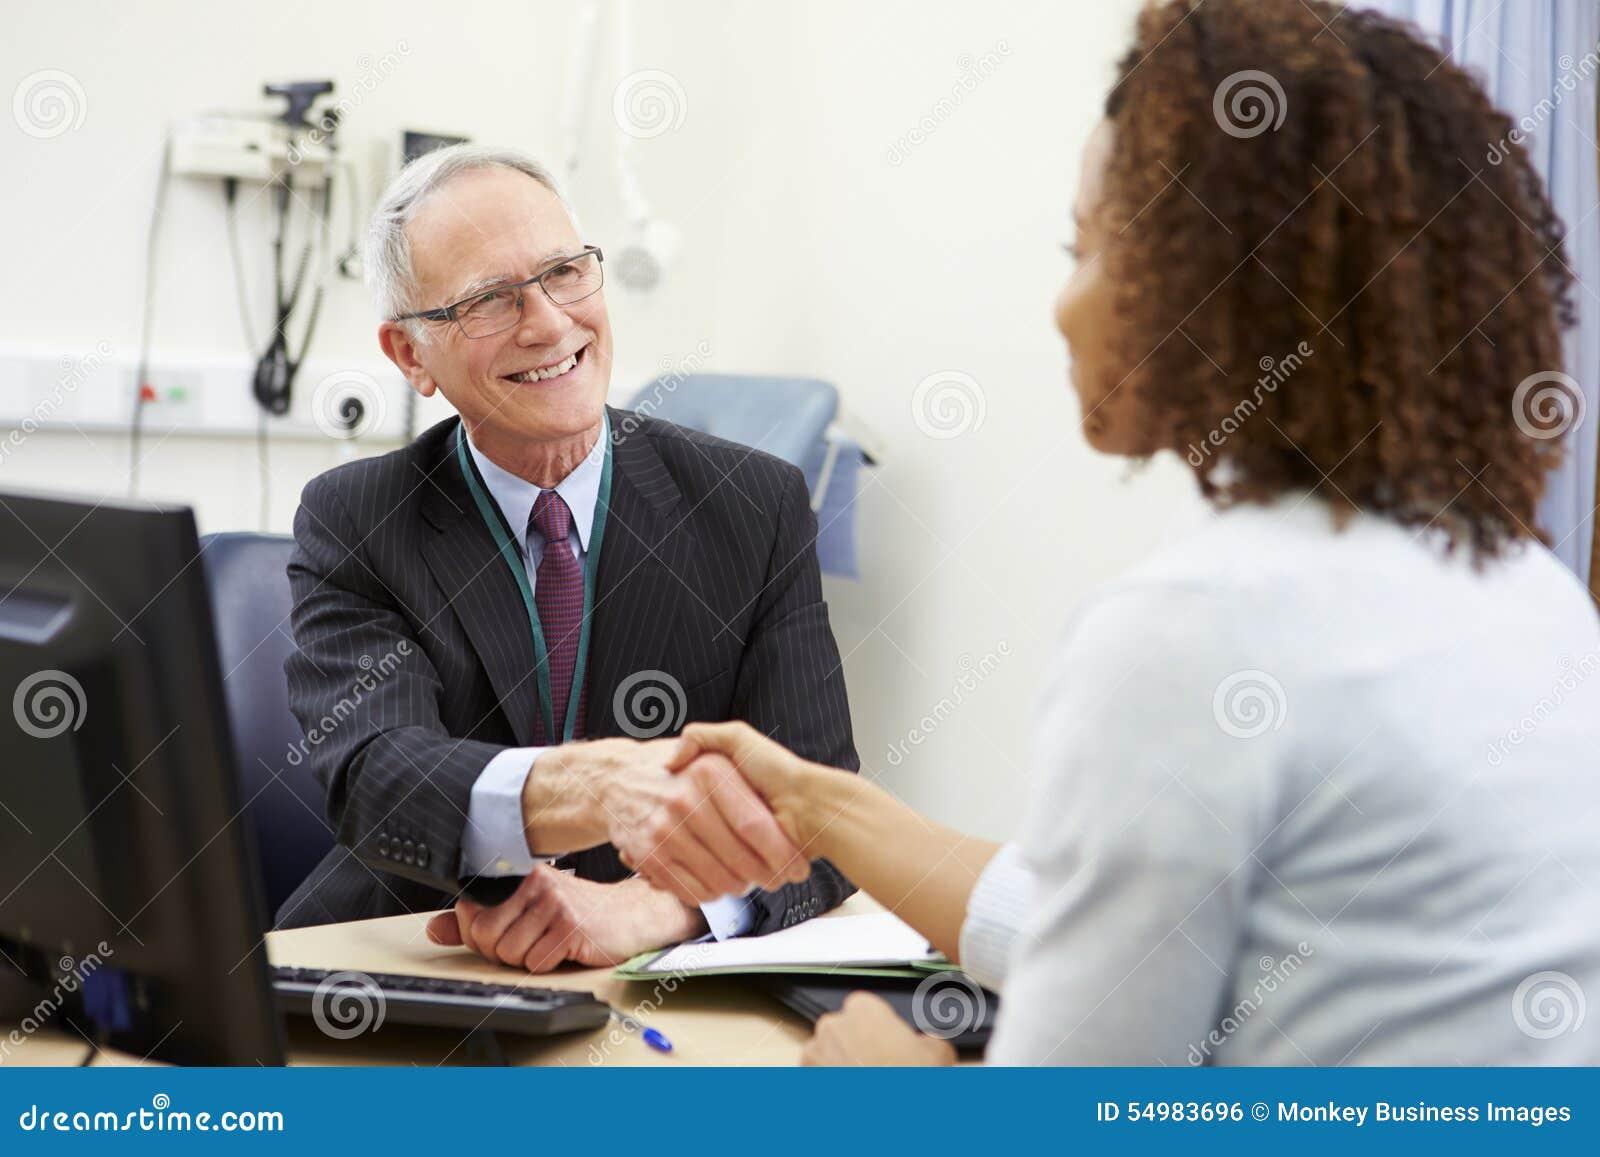 Konsulent Meeting With Patient i regeringsställning